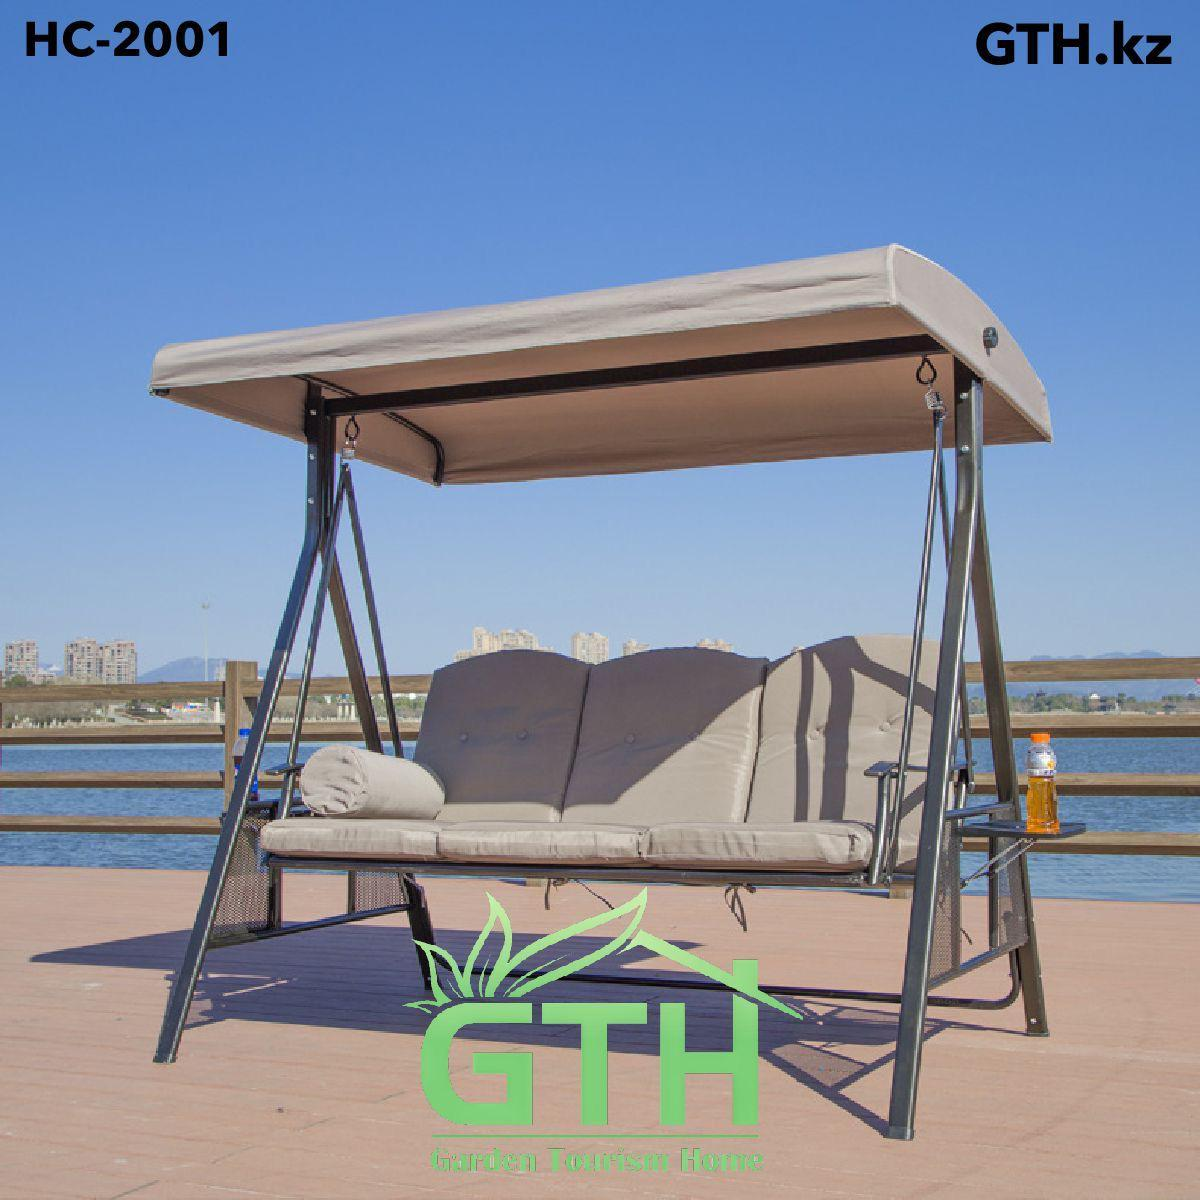 Садовые качели HC-2001. Трехместные, нагрузка 250 кг. Доставка и сборка. - фото 1